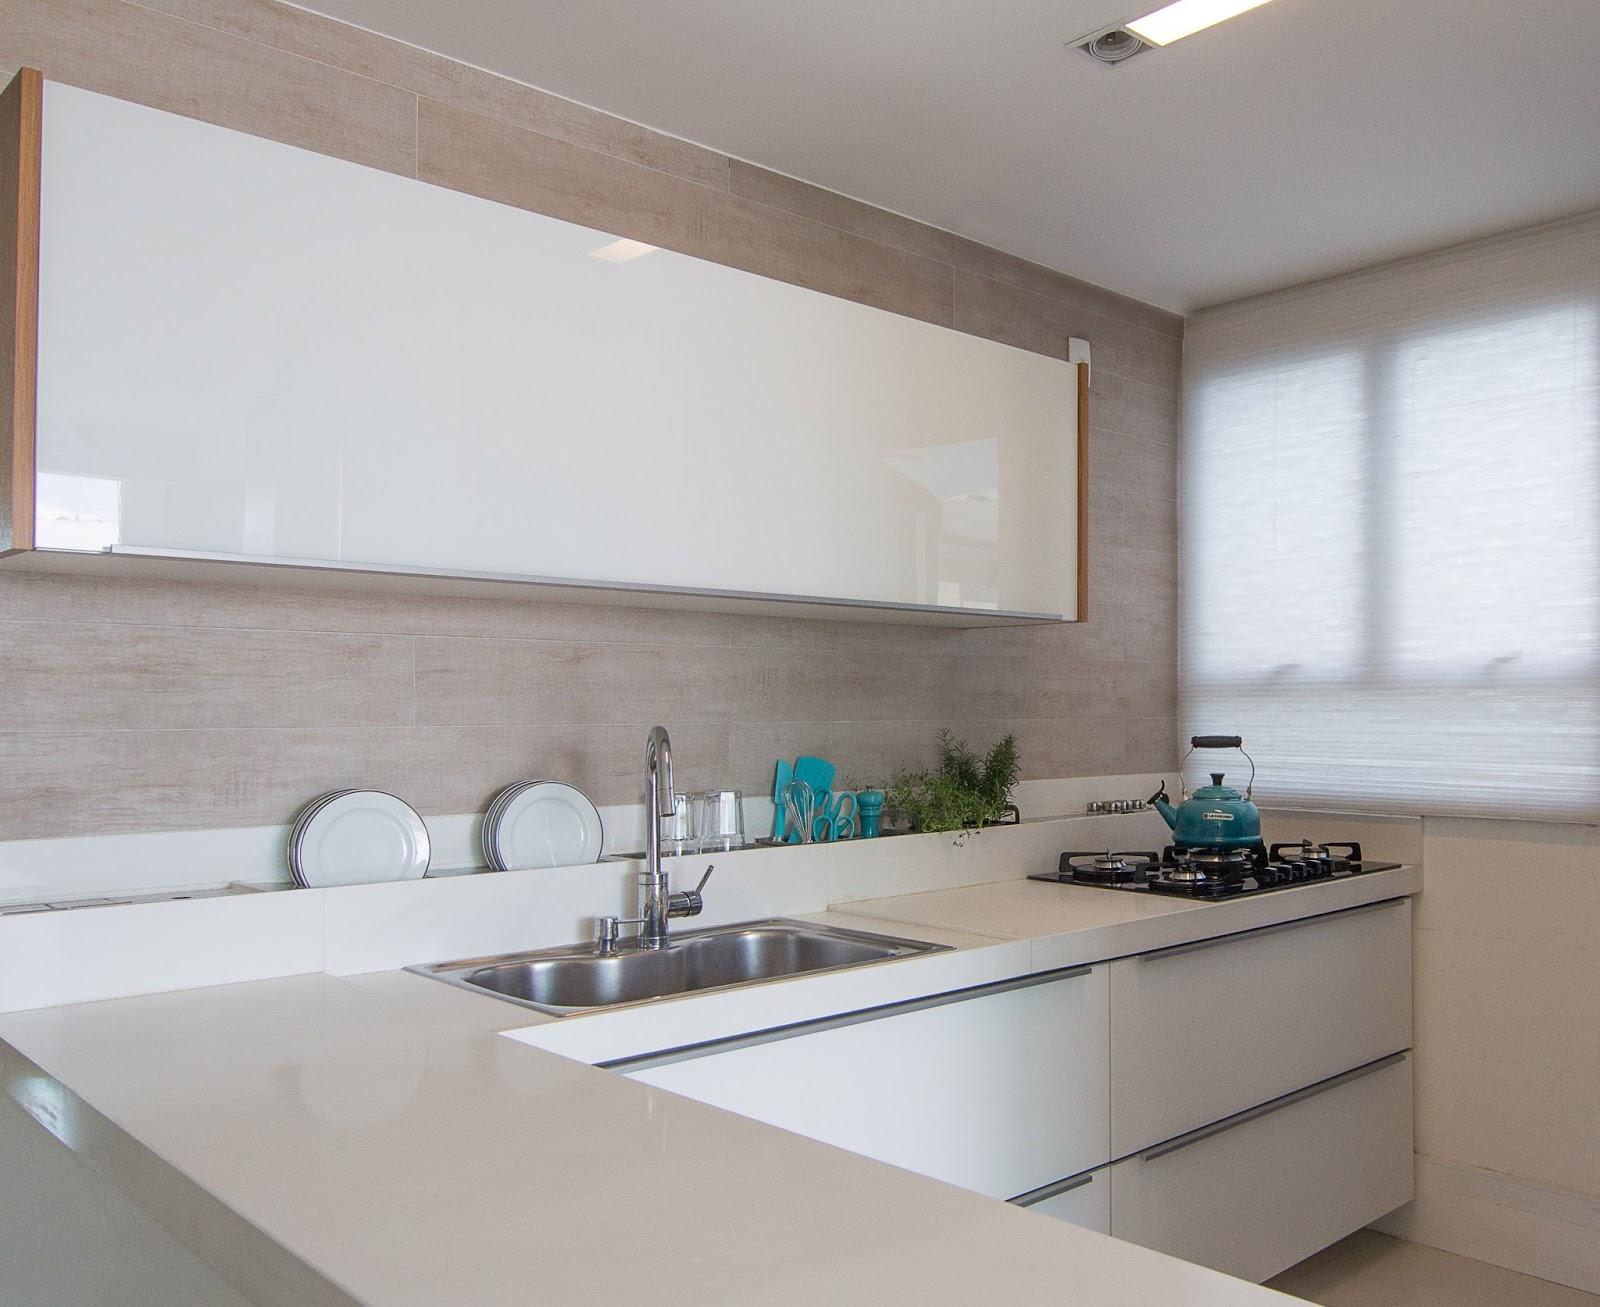 Cozinha com bancada com calha úmida para louças e talheres. Projeto  #2F7078 1600x1307